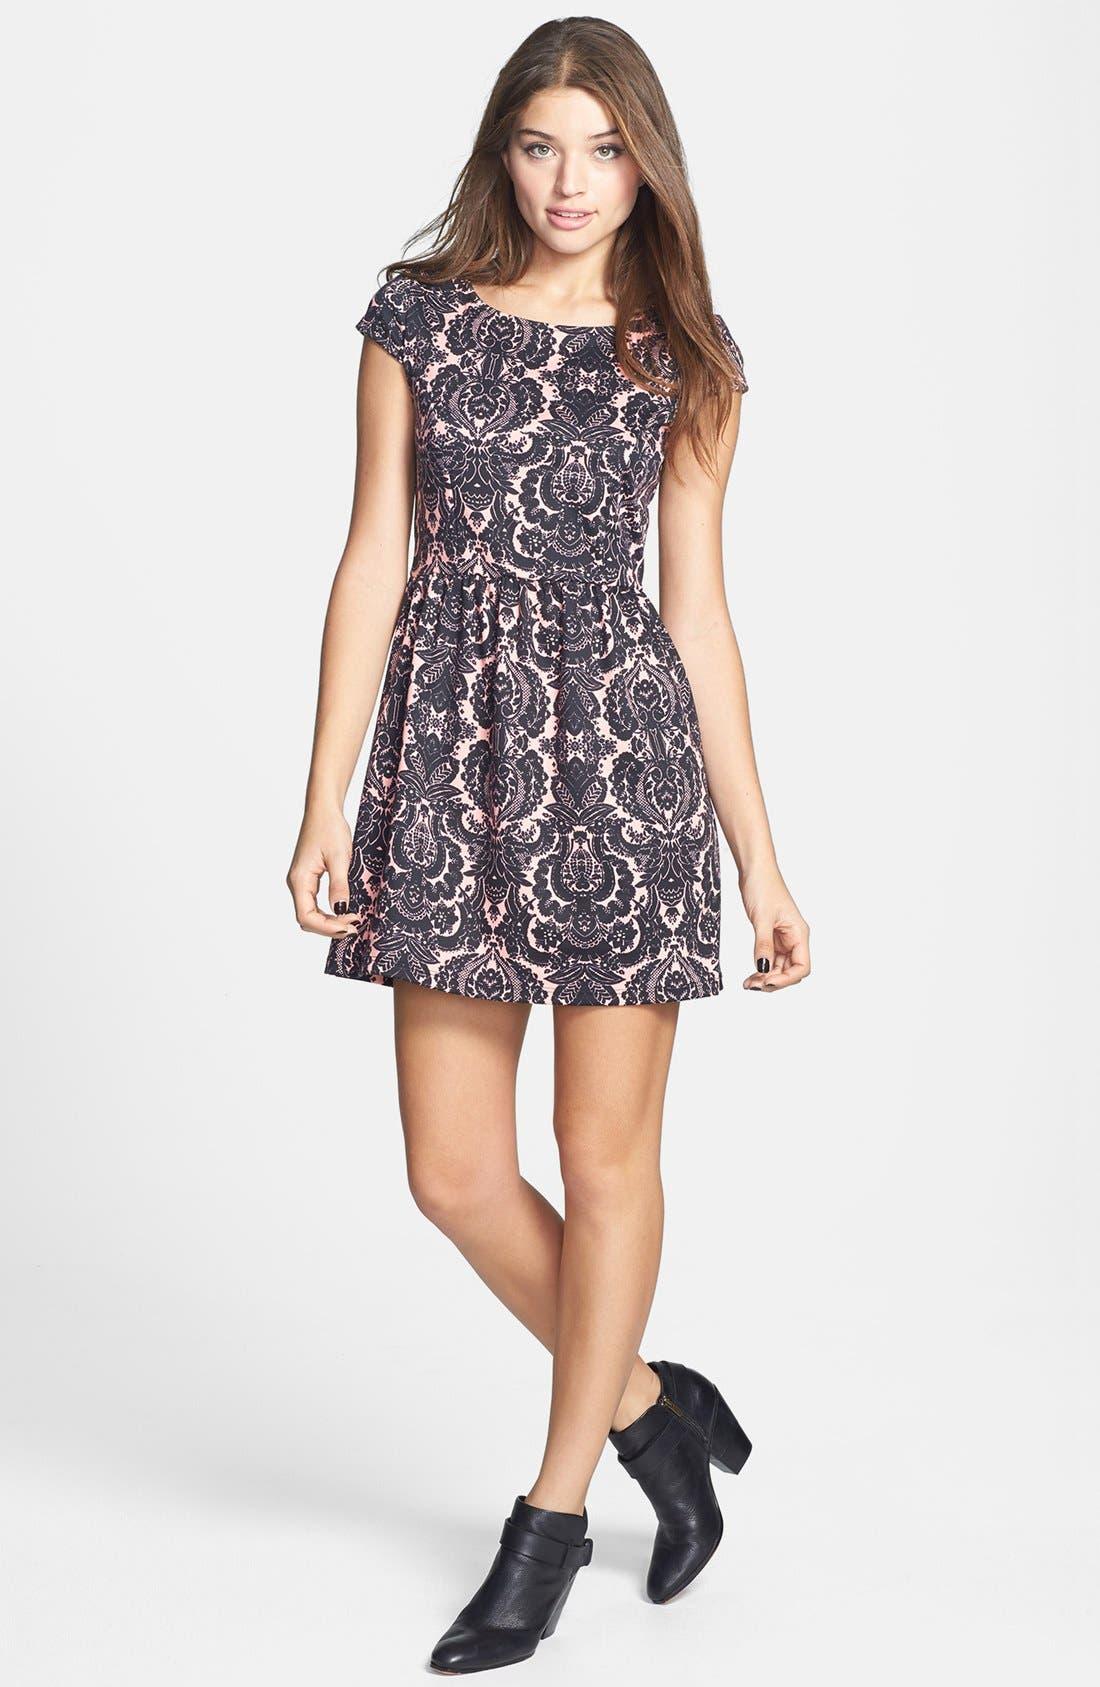 Main Image - Socialite Print Skater Dress (Juniors) (Online Only)